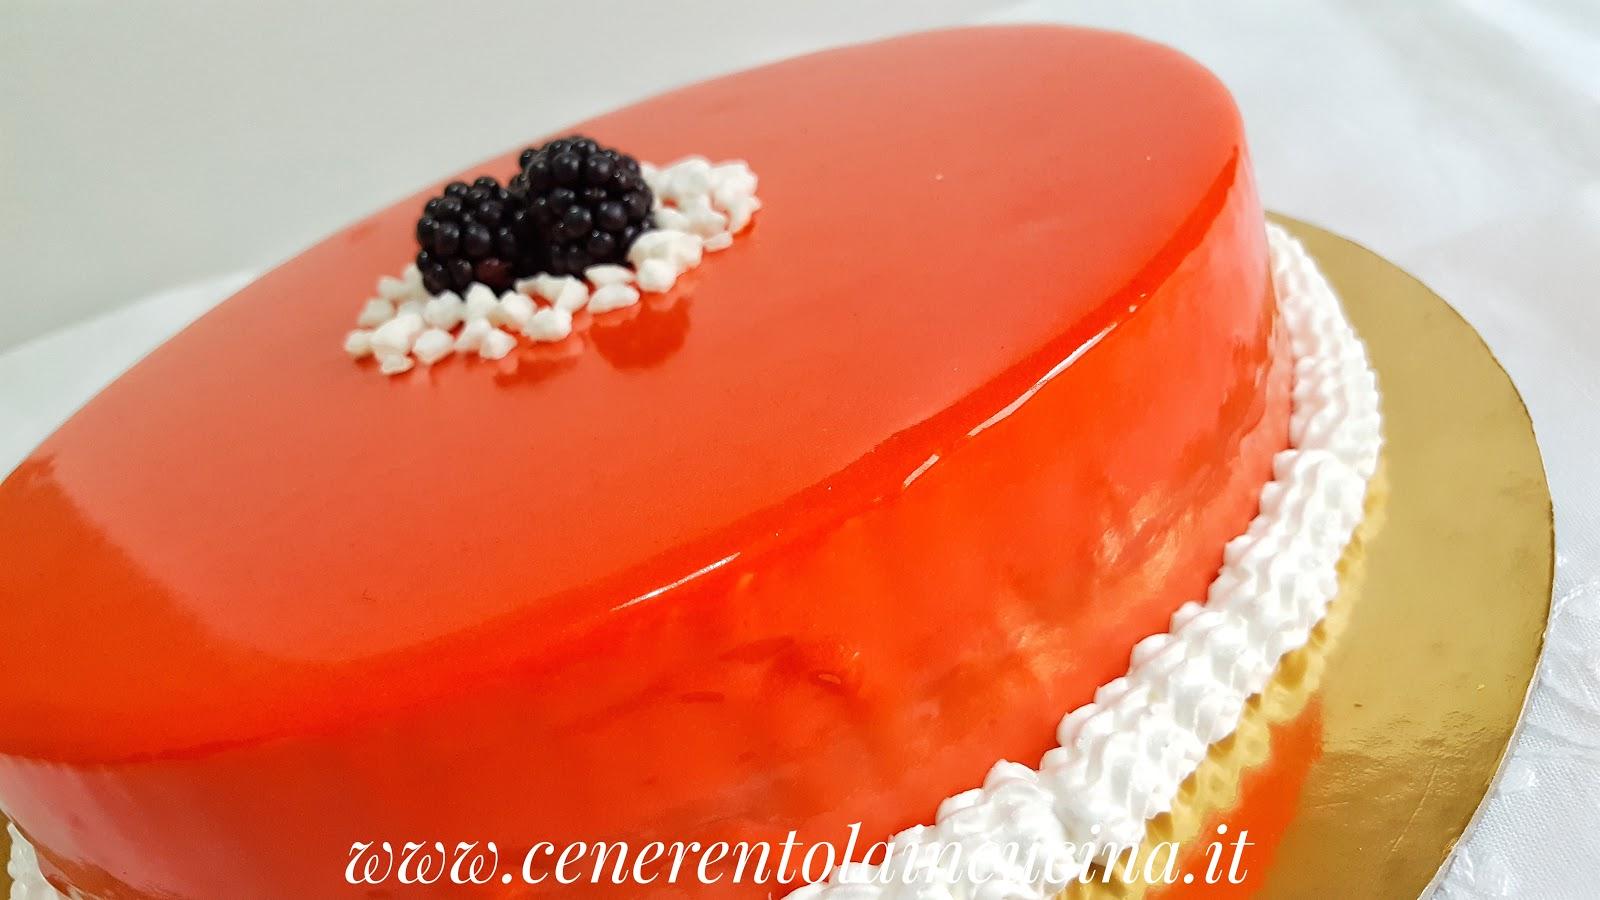 Conosciuto Cenerentola in Cucina: Torta con mousse al cioccolato bianco e  LI43